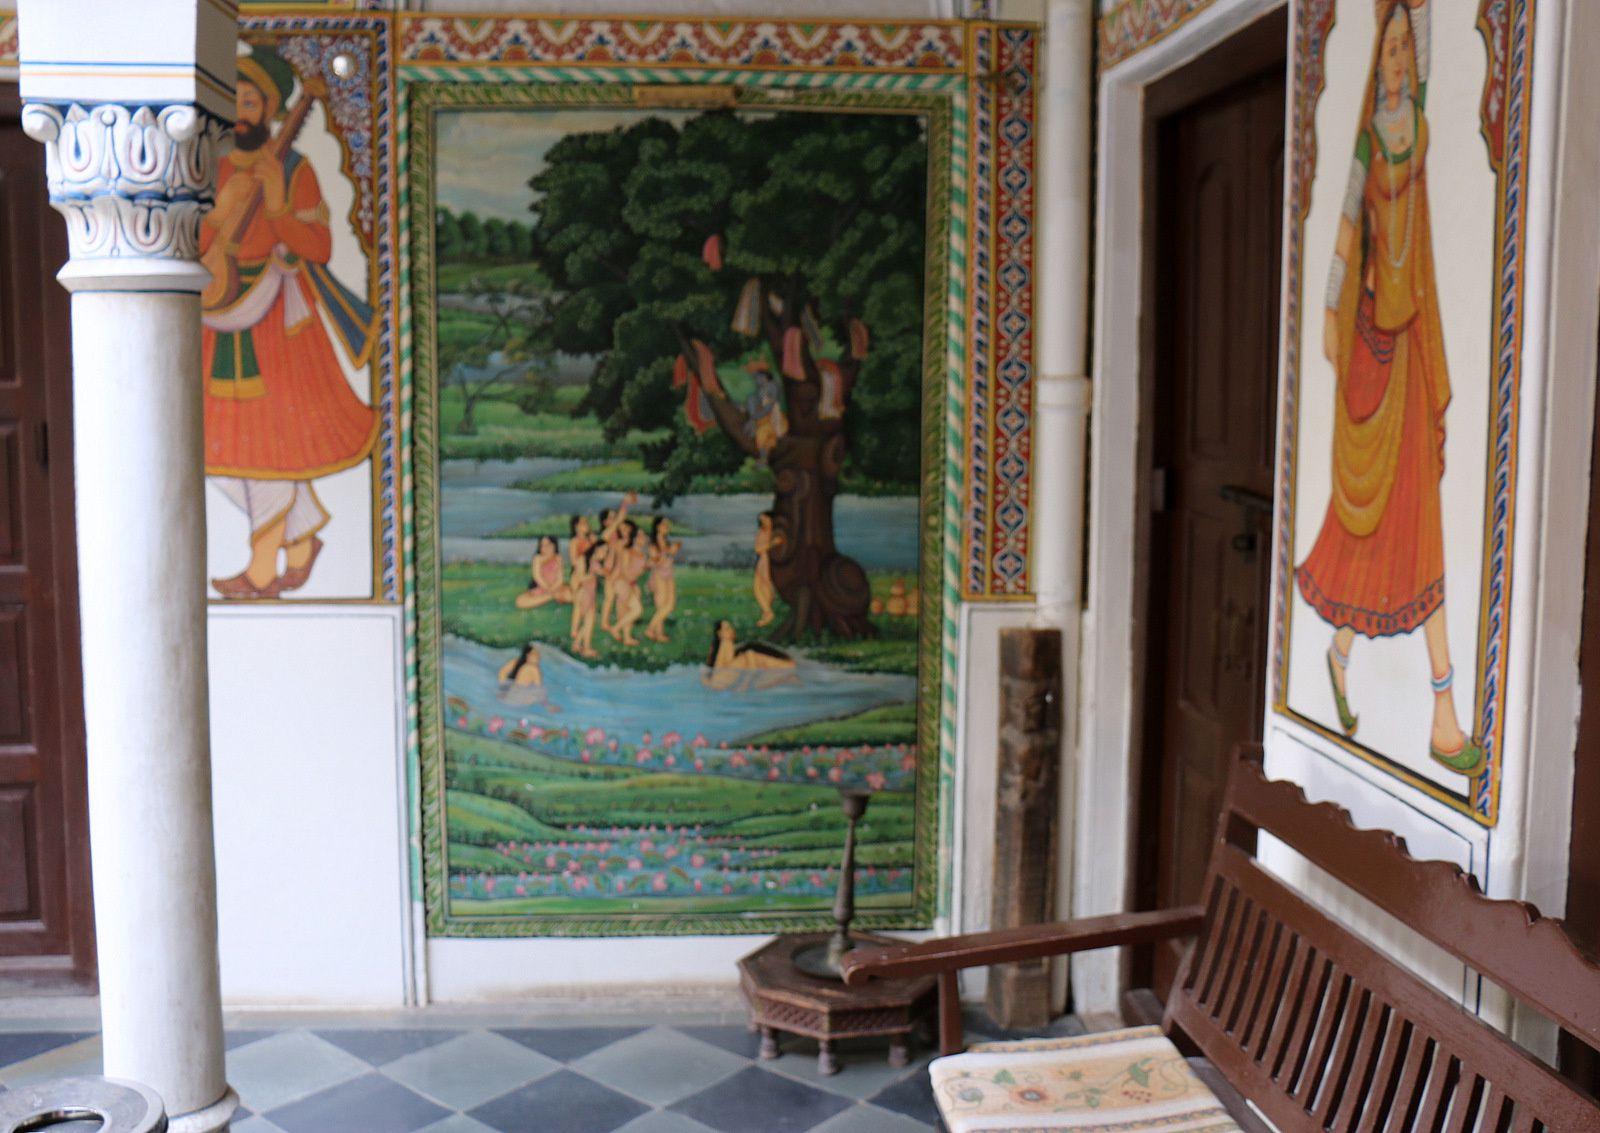 Hôtel &quot&#x3B;Heritage&quot&#x3B; à Mandawa (Rajasthan, Inde), fresques des cours intérieures